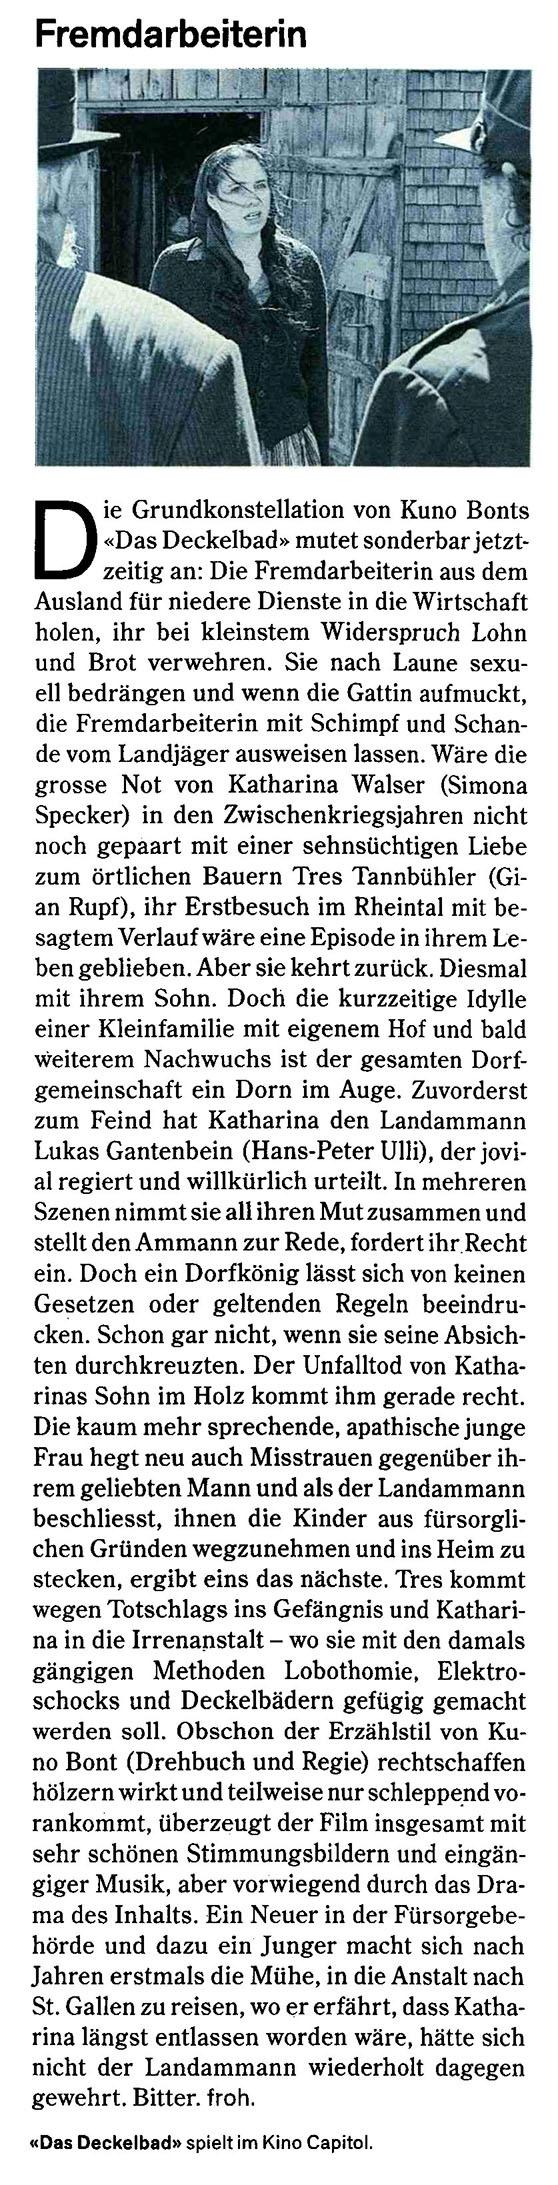 P.S. Zeitung